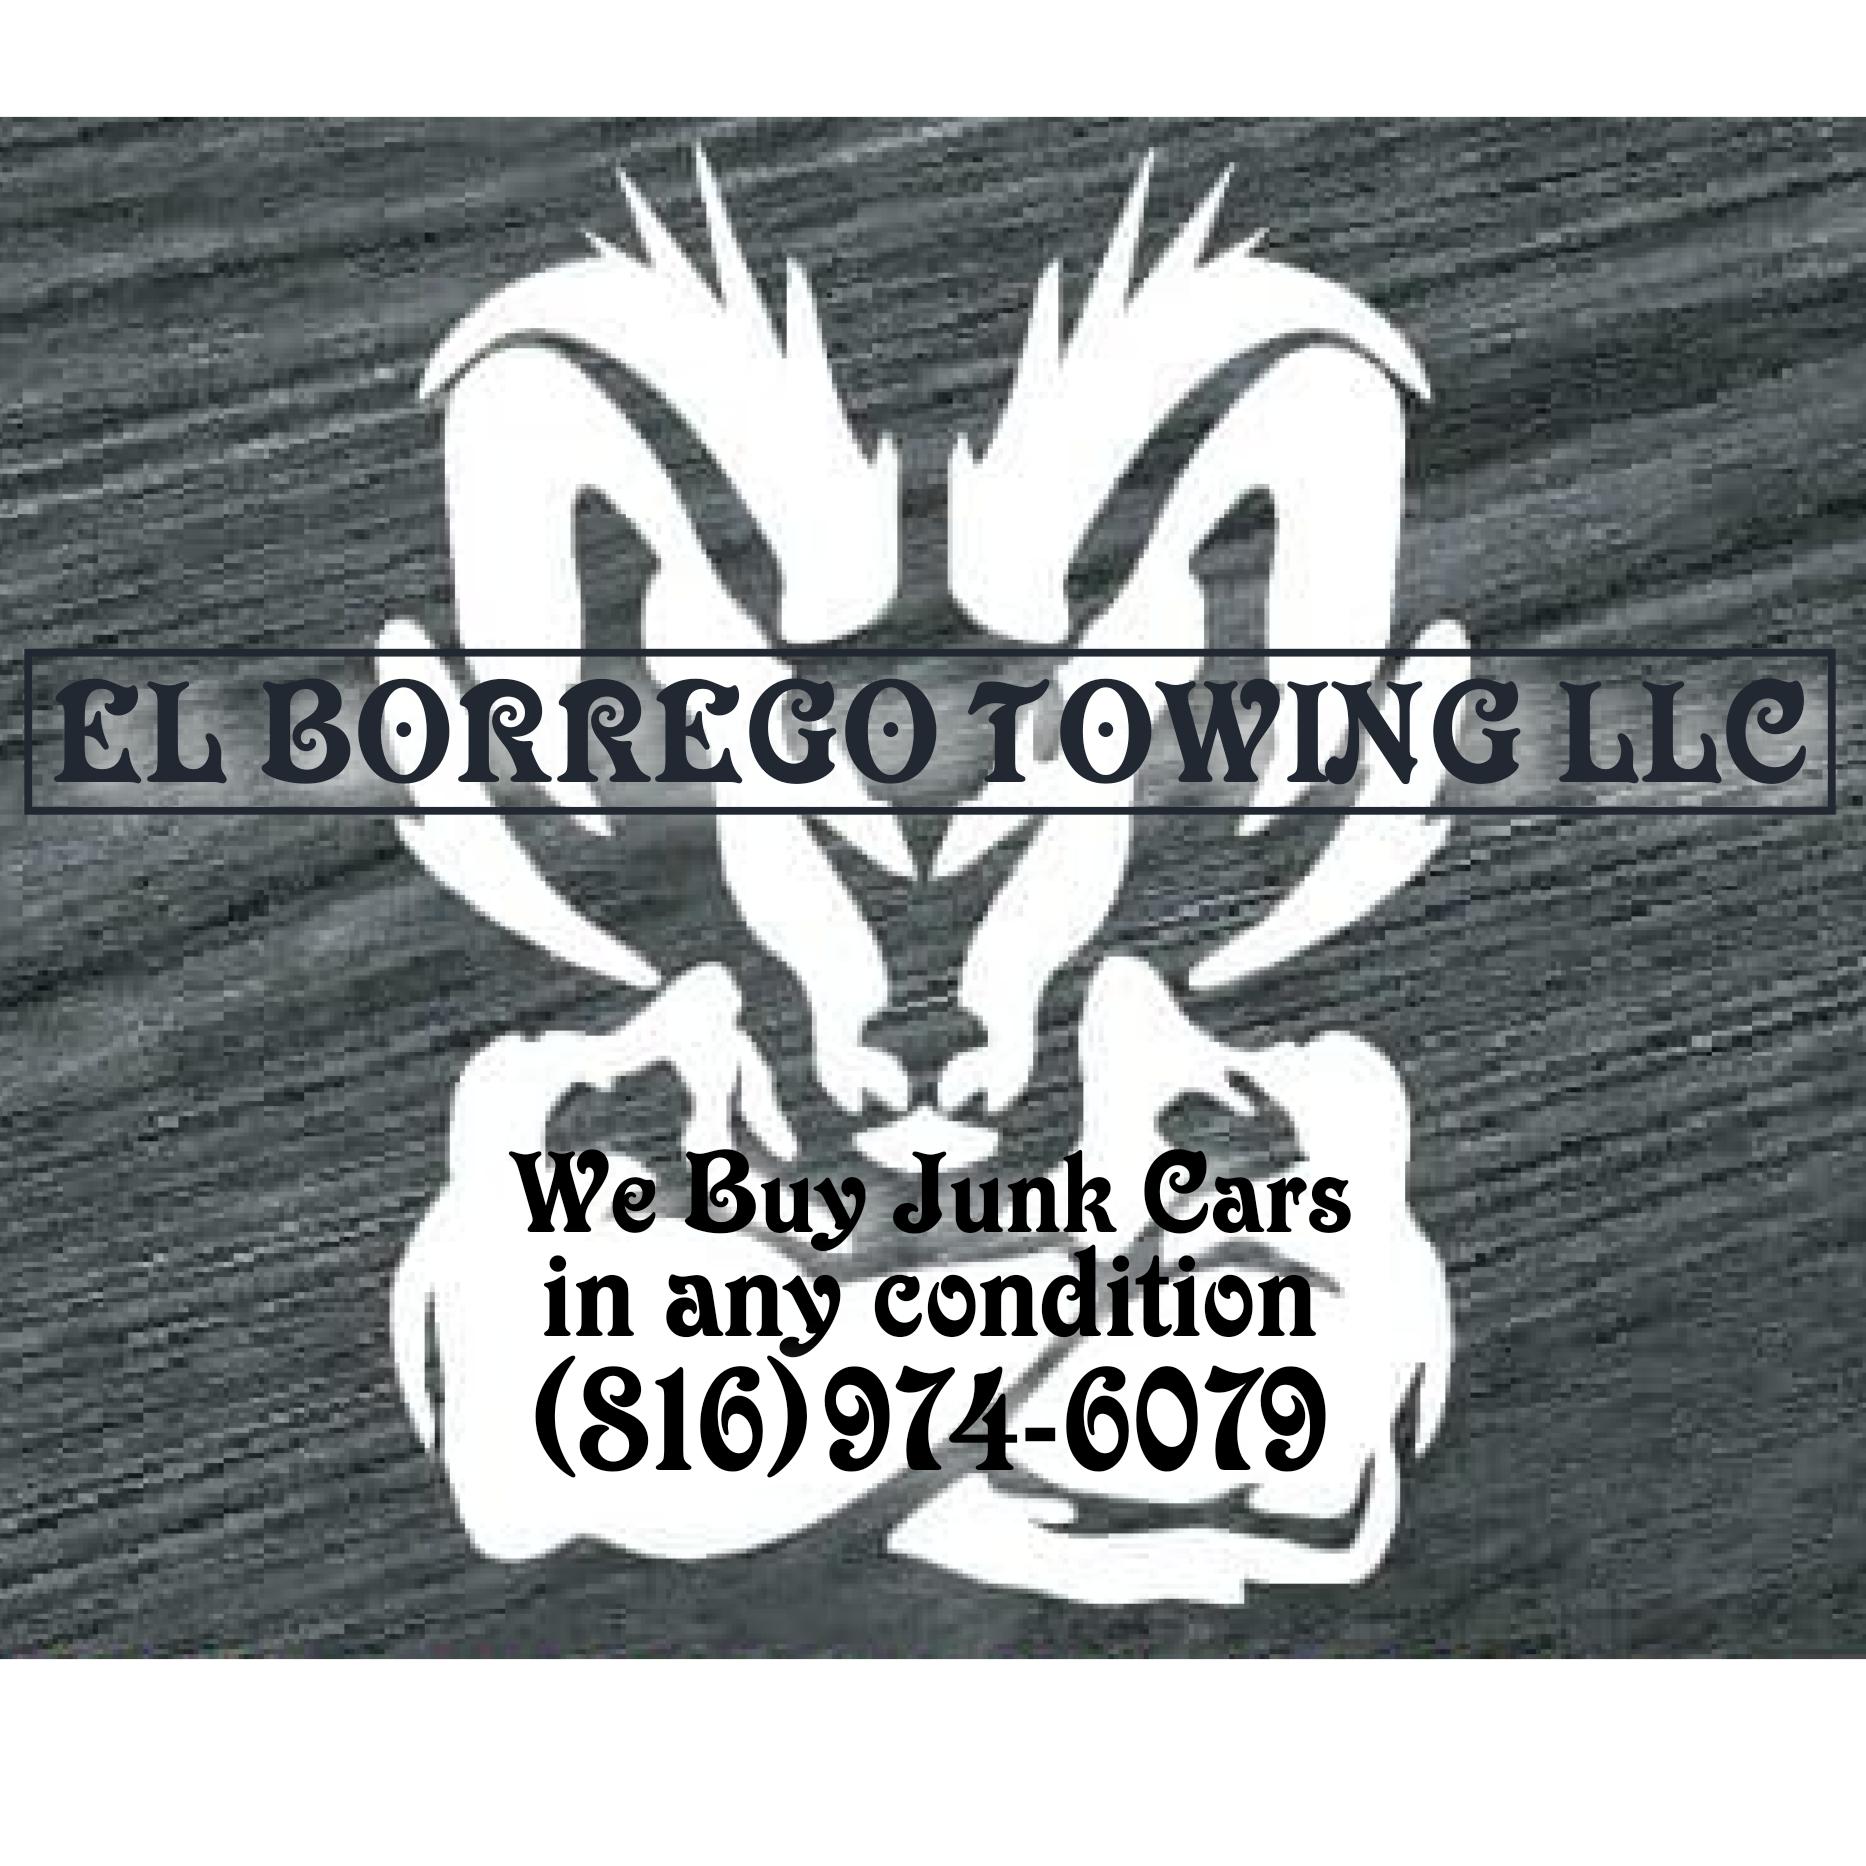 El Borrego Towing LLC  logo